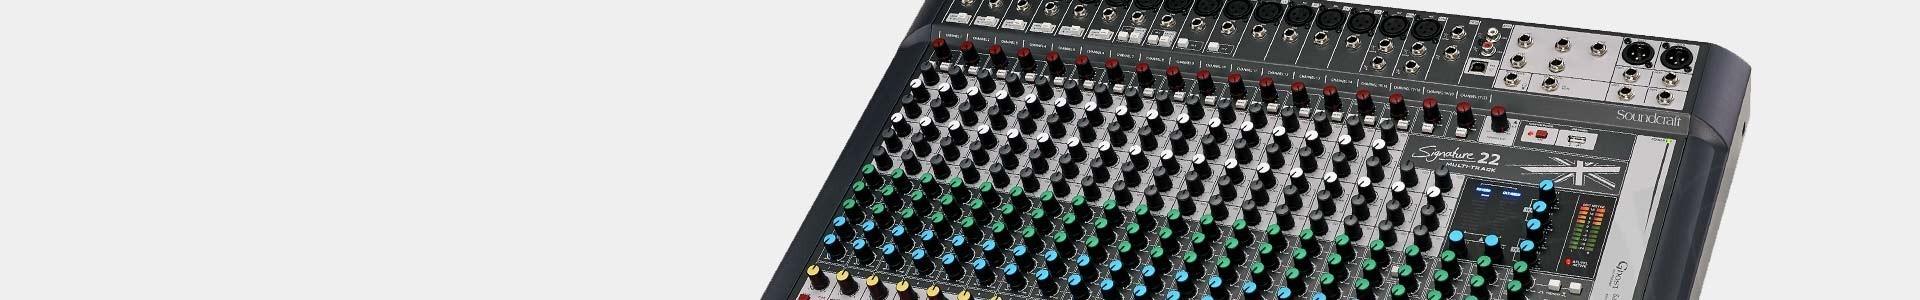 Mesas de mezcla de audio profesionales analógicas y digitales - Avacab